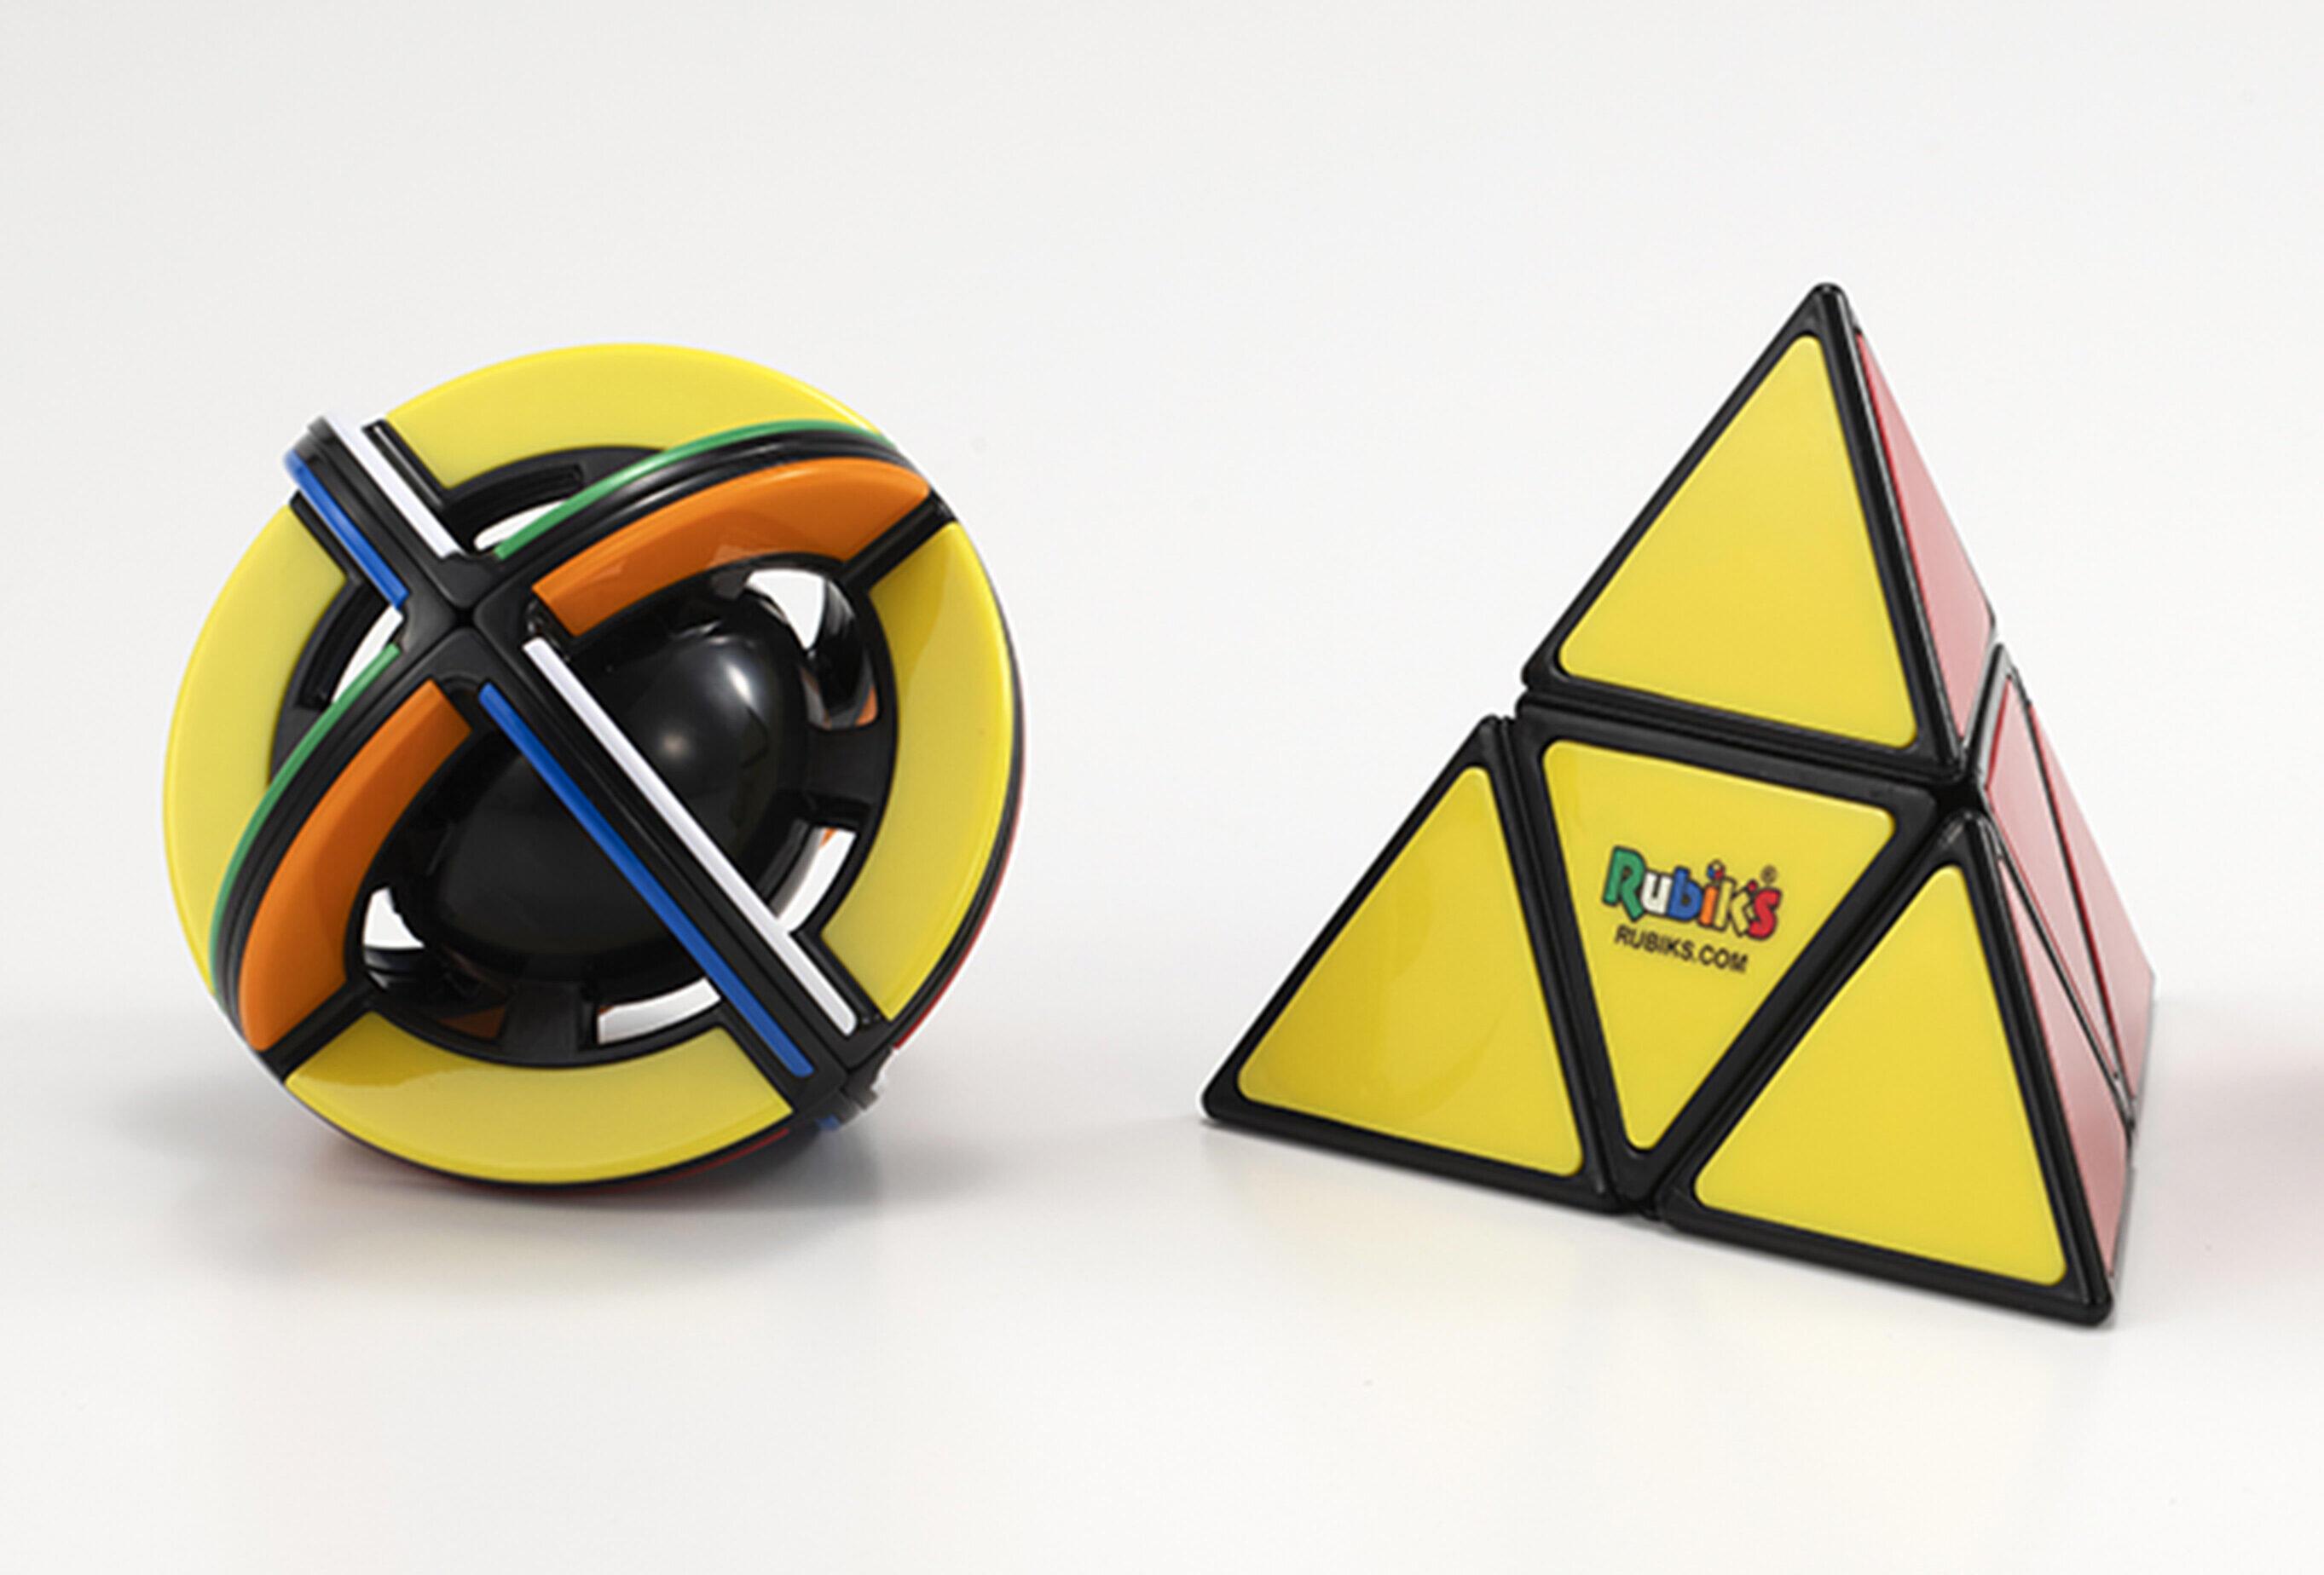 立体パズル「ルービックキューブ」に球体型とピラミッド型